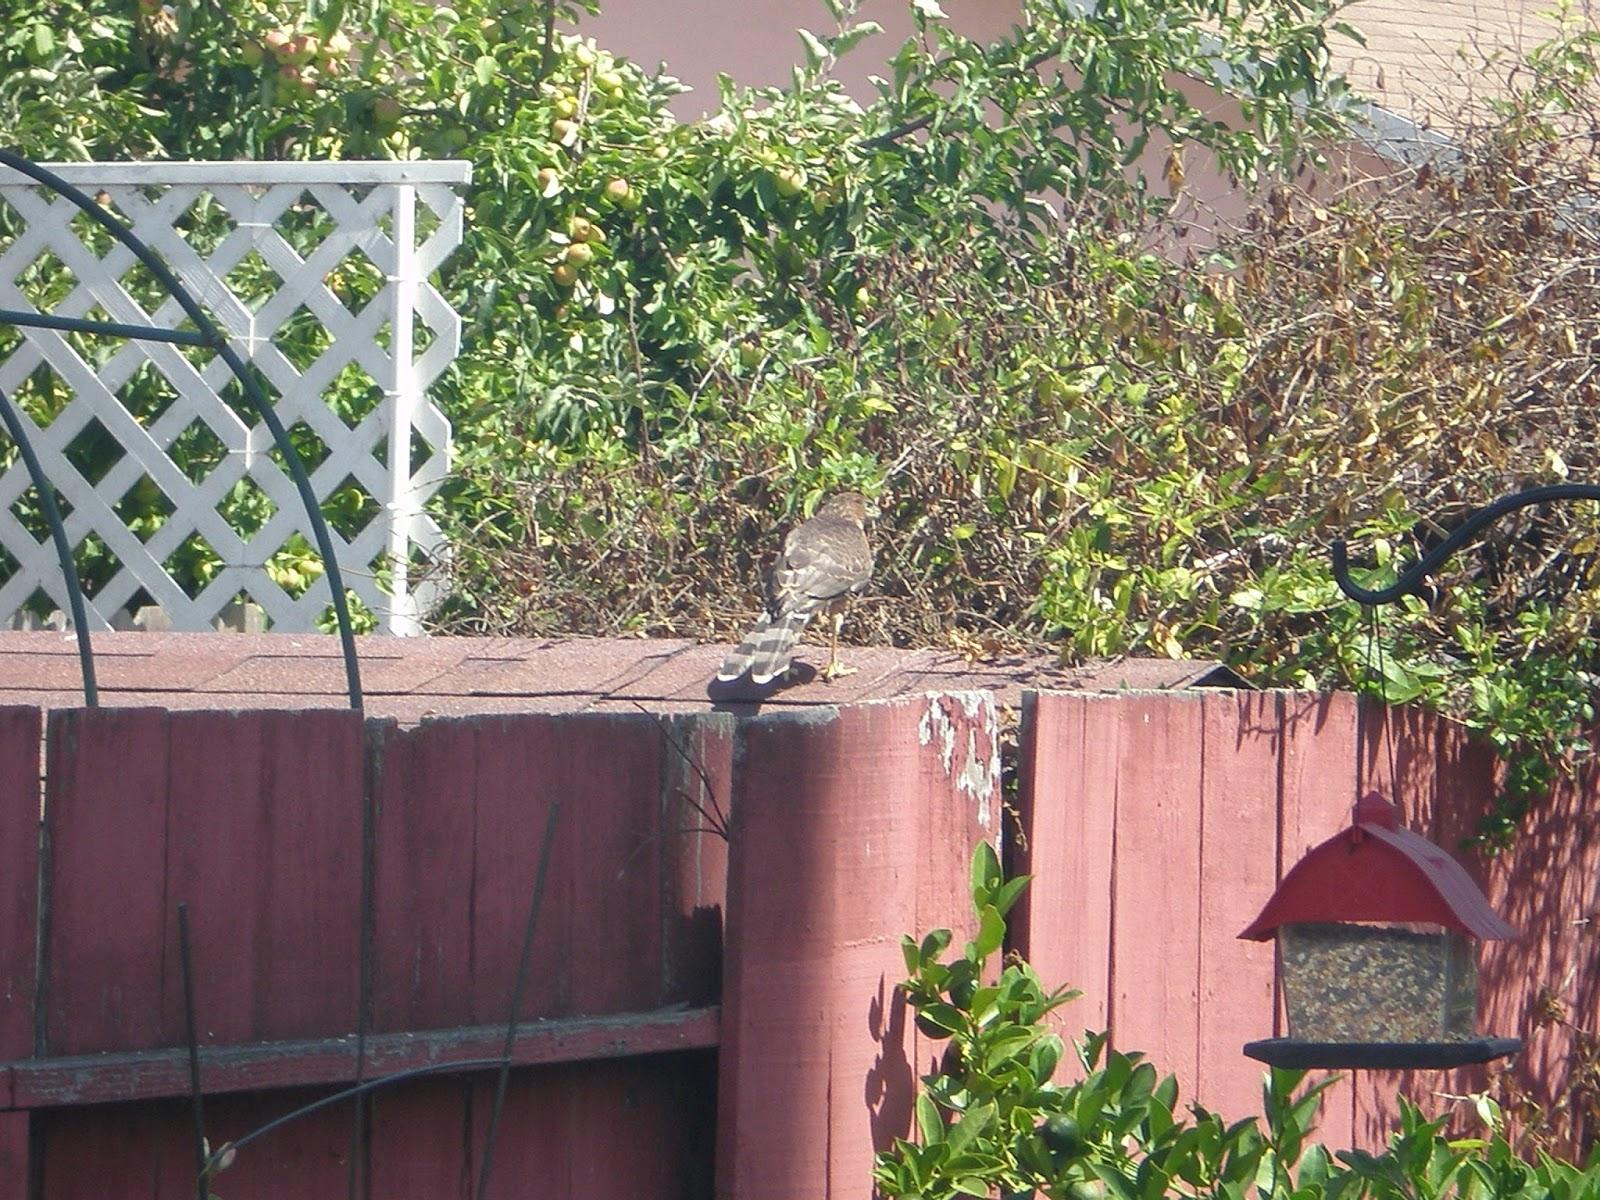 backyard birding hootido com